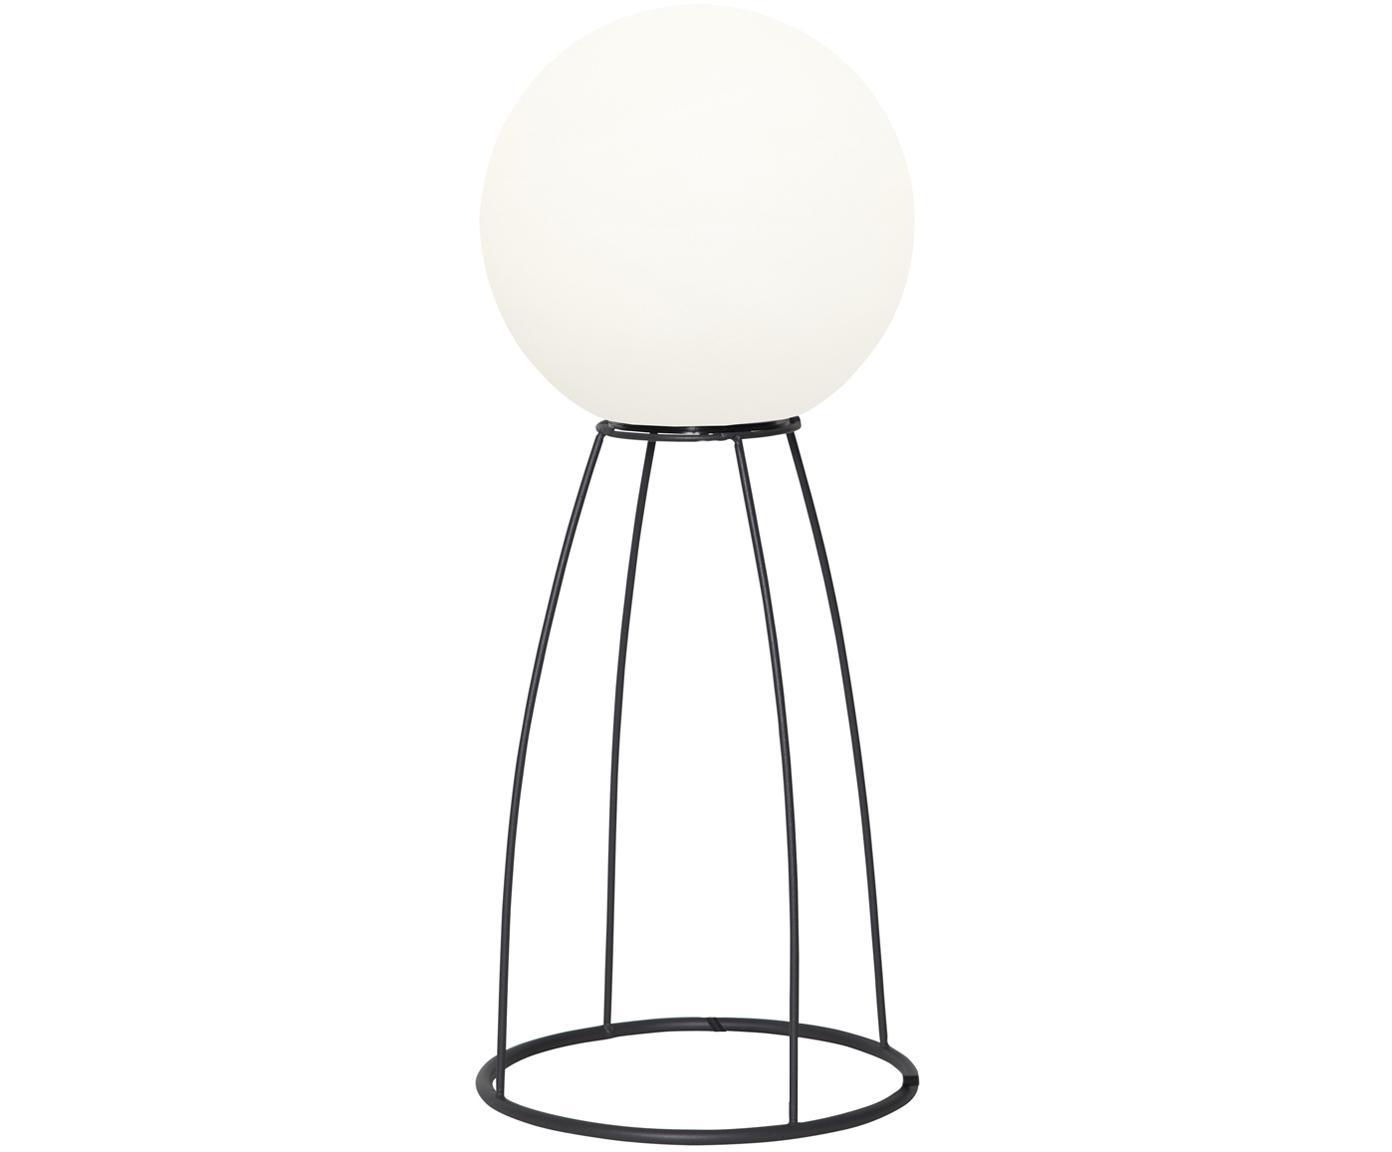 Lampada a LED da esterno Gardenlight, Materiale sintetico, metallo, Bianco, nero, Ø 29 x Alt. 70 cm